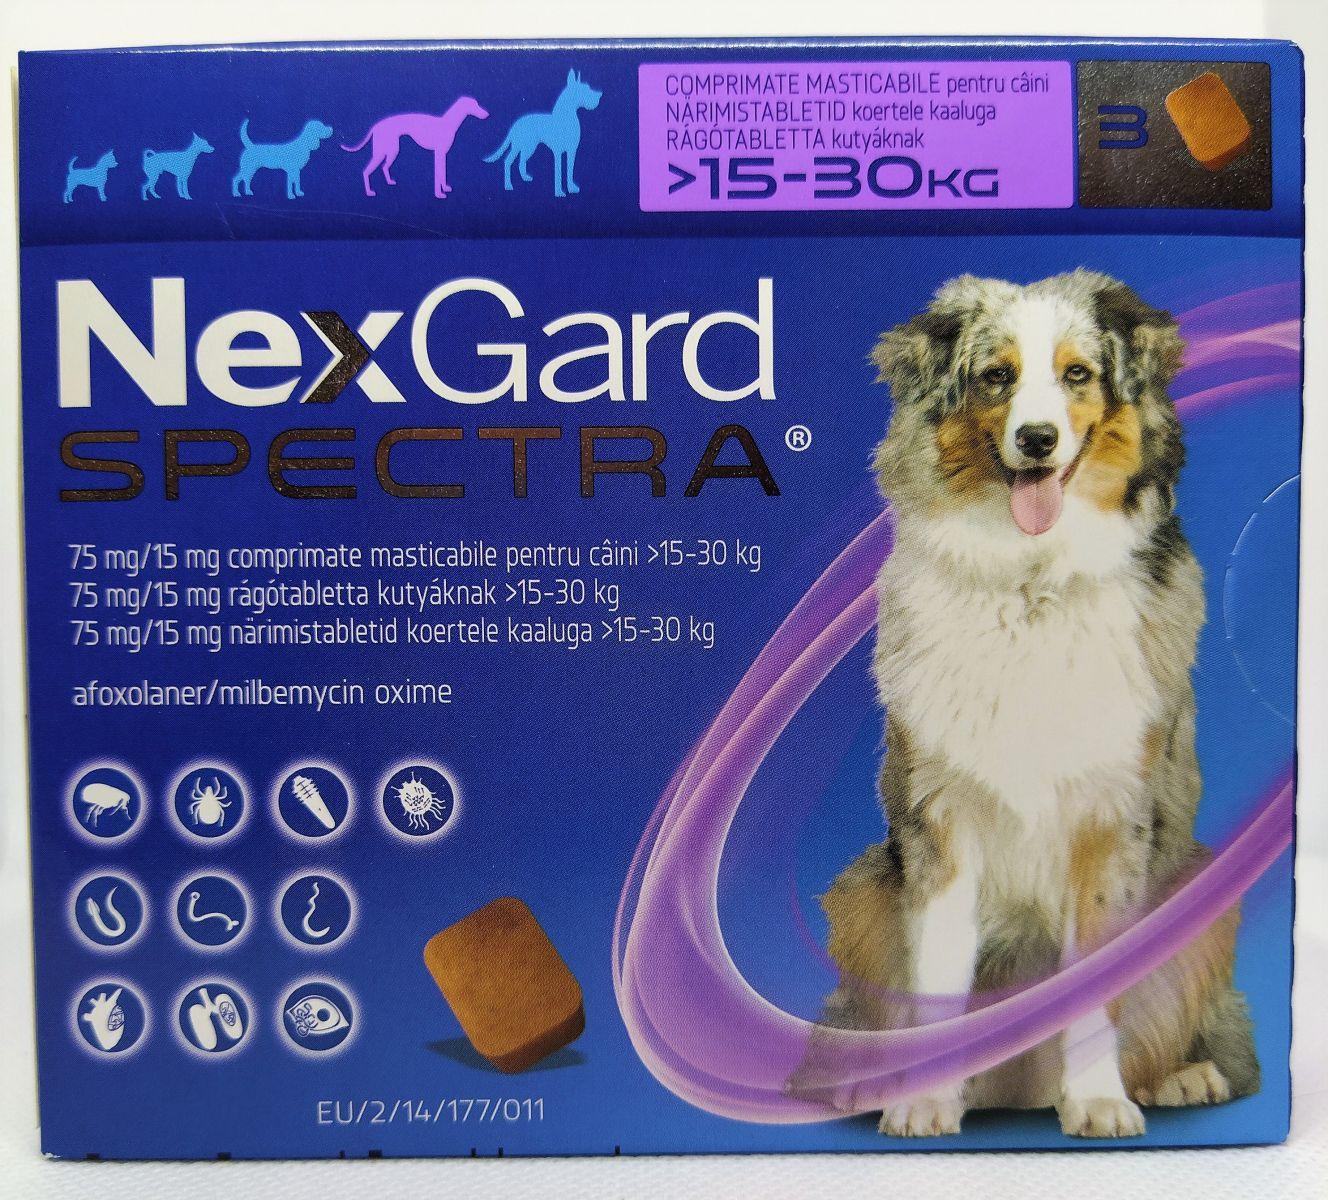 NexGard Spectra 15-30kg - kullancs, bolha és férgek elleni rágótabletta nagytestű kutyák számára